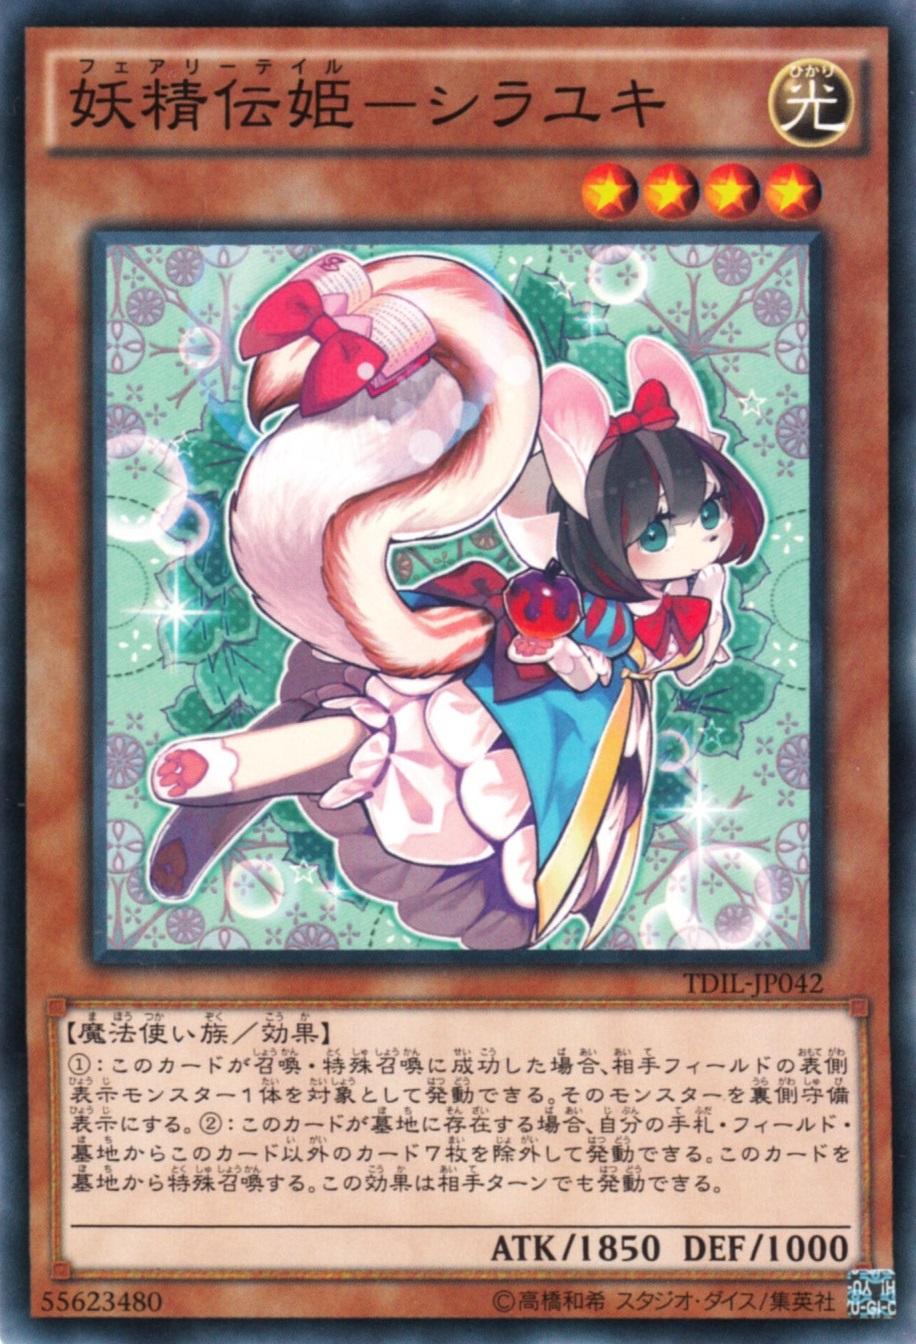 「シラユキ」の画像検索結果